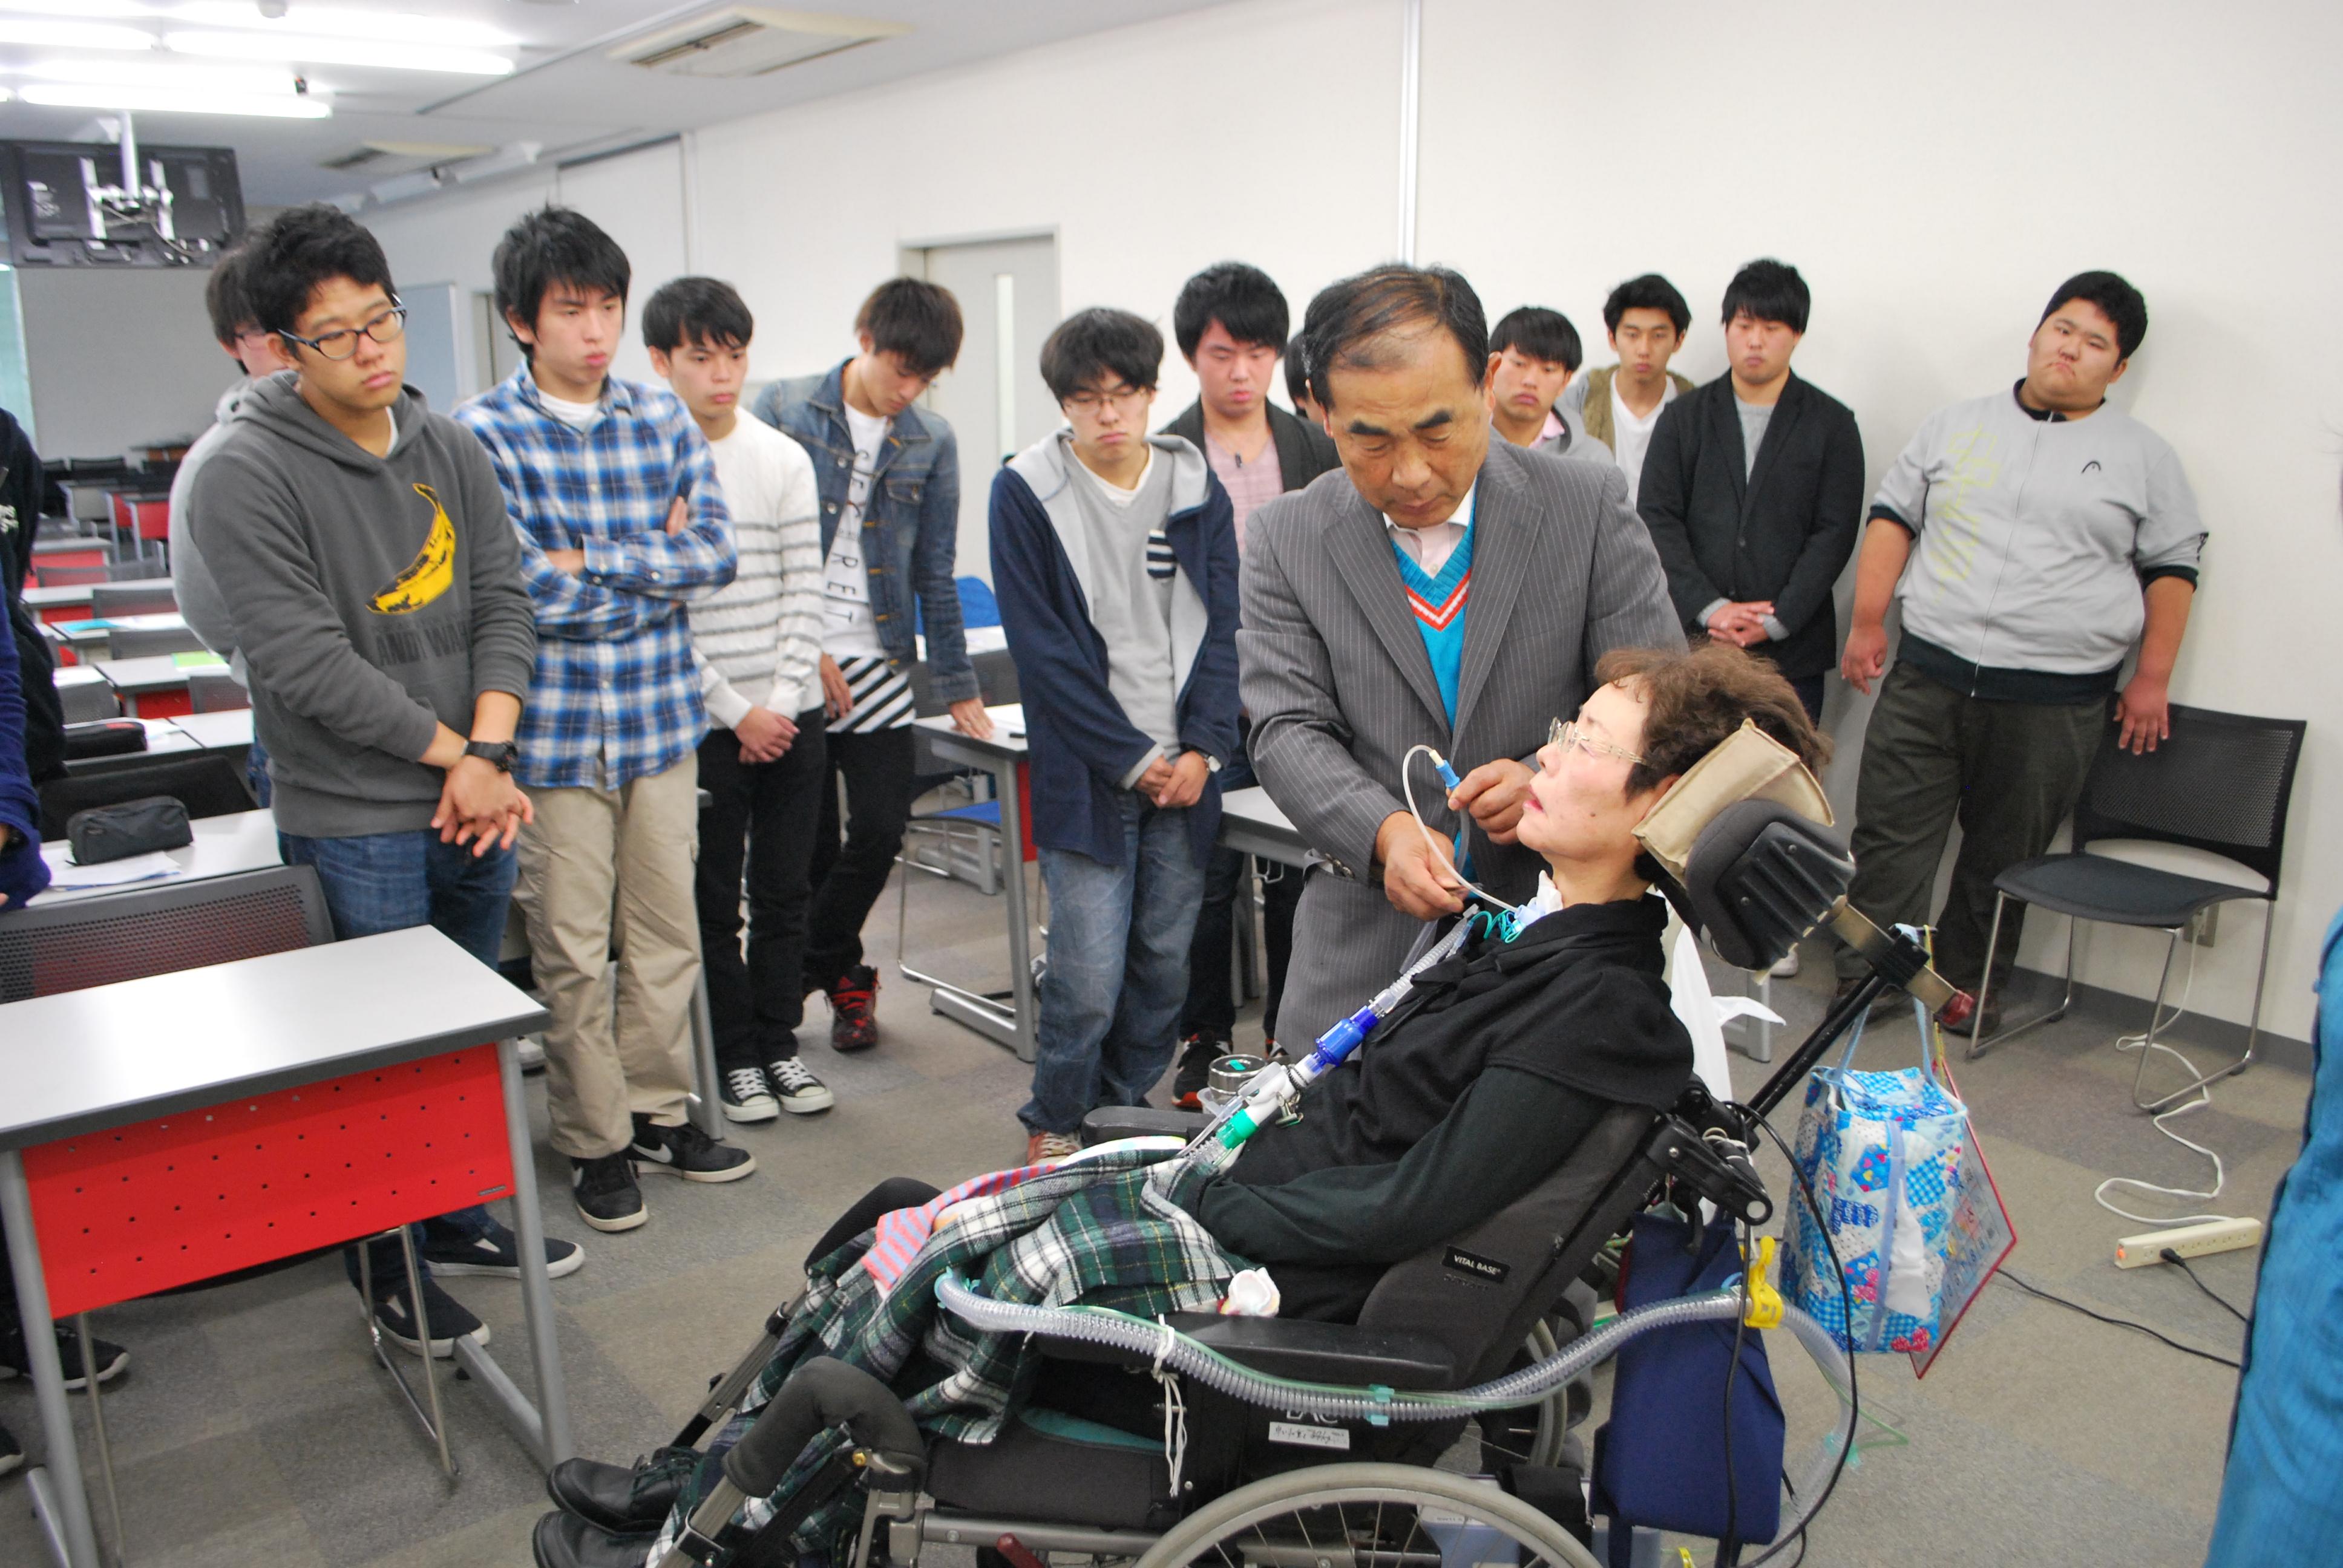 帝京科学大学 ALS当事者の授業 #02